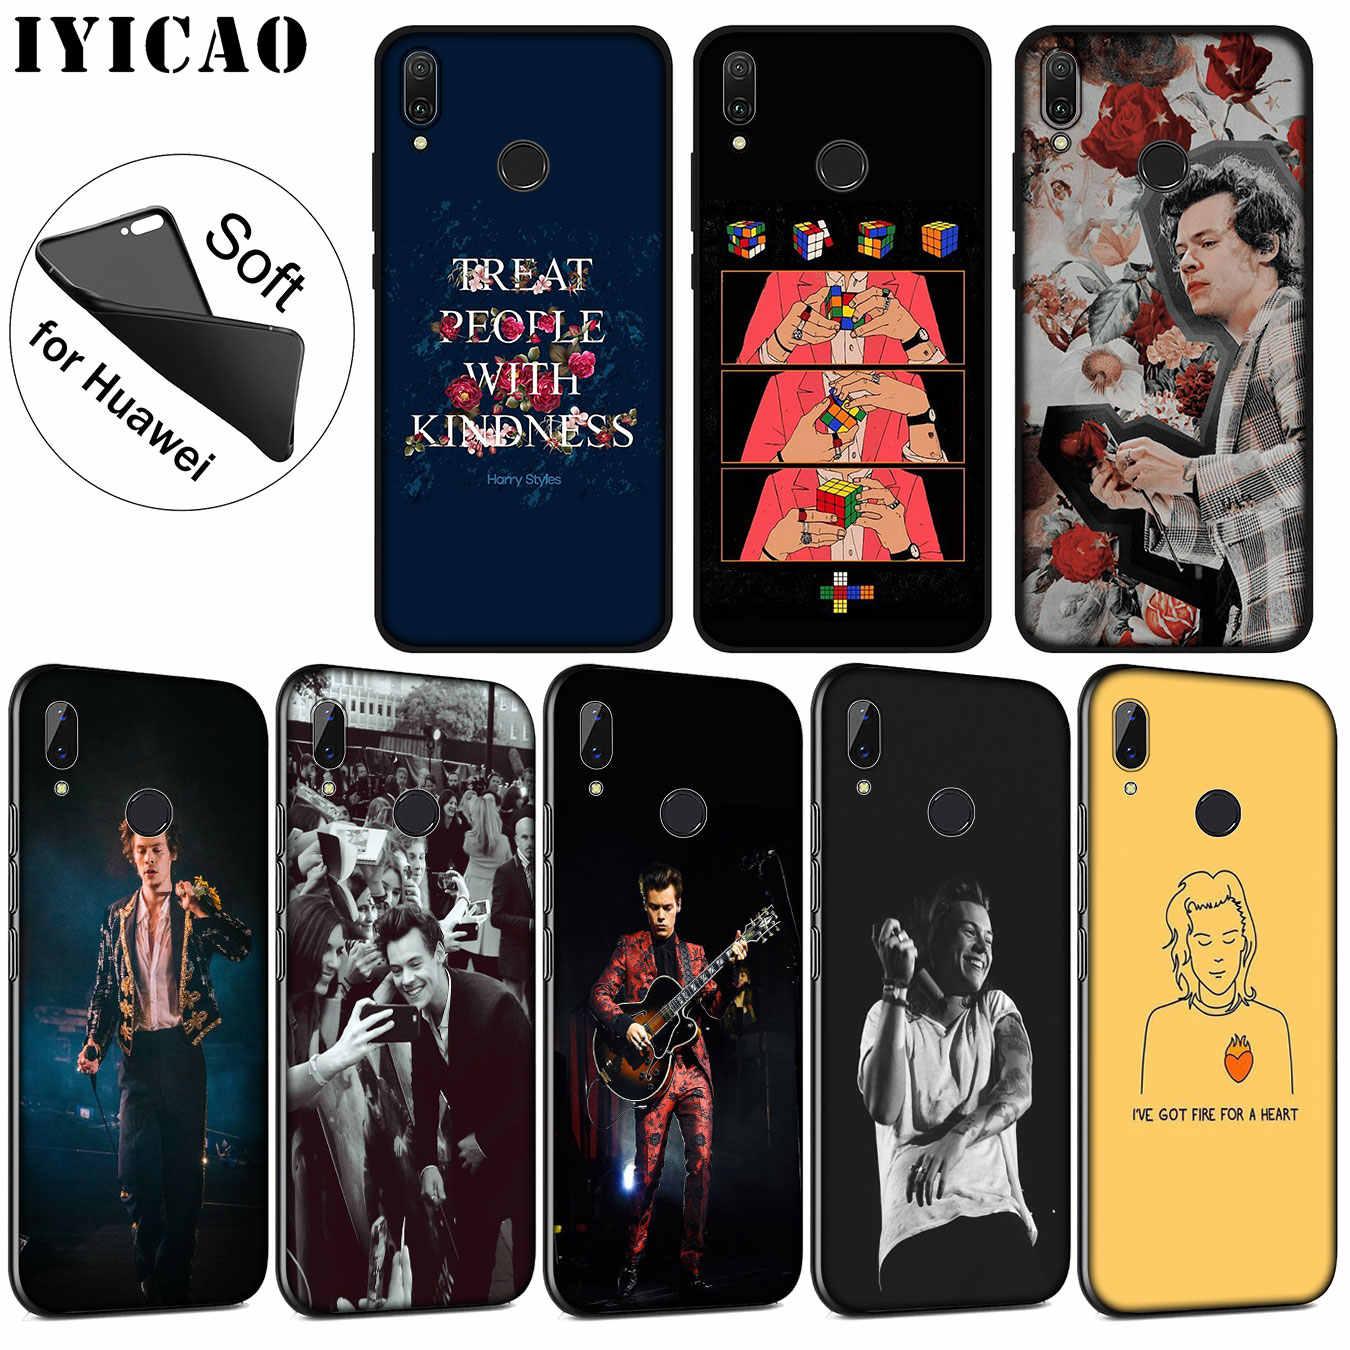 IYICAO 一方向入れ墨ハリースタイルソフトシリコンケース Huawei 社 P30 P20 プロ P10 P9 P8 Lite ミニ 2017 2016 1080p スマート Z 2019